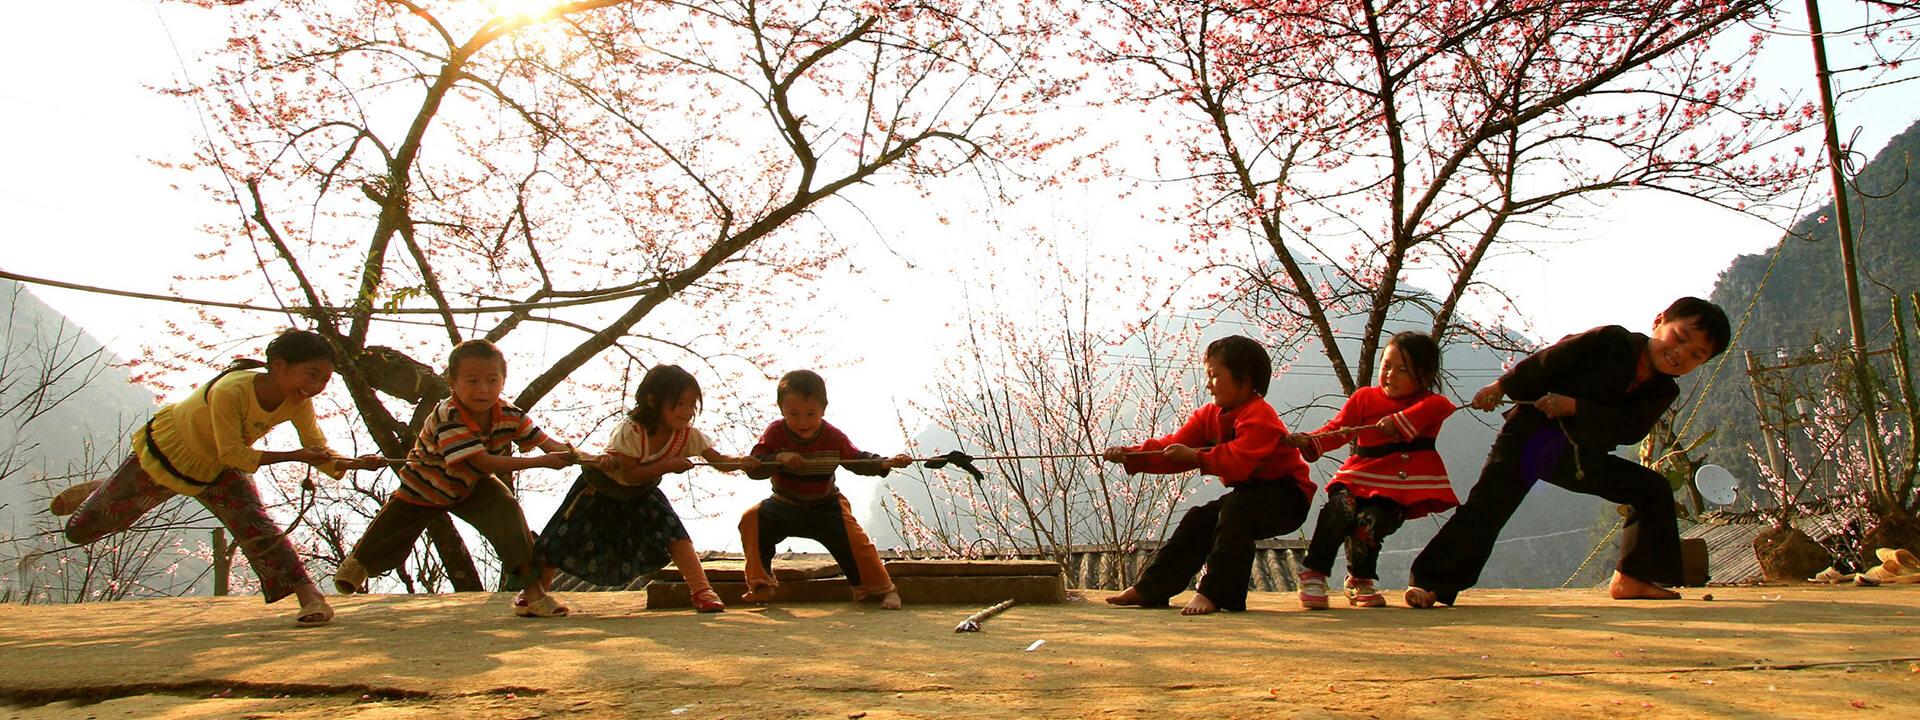 tet-holiday-vietnam-04